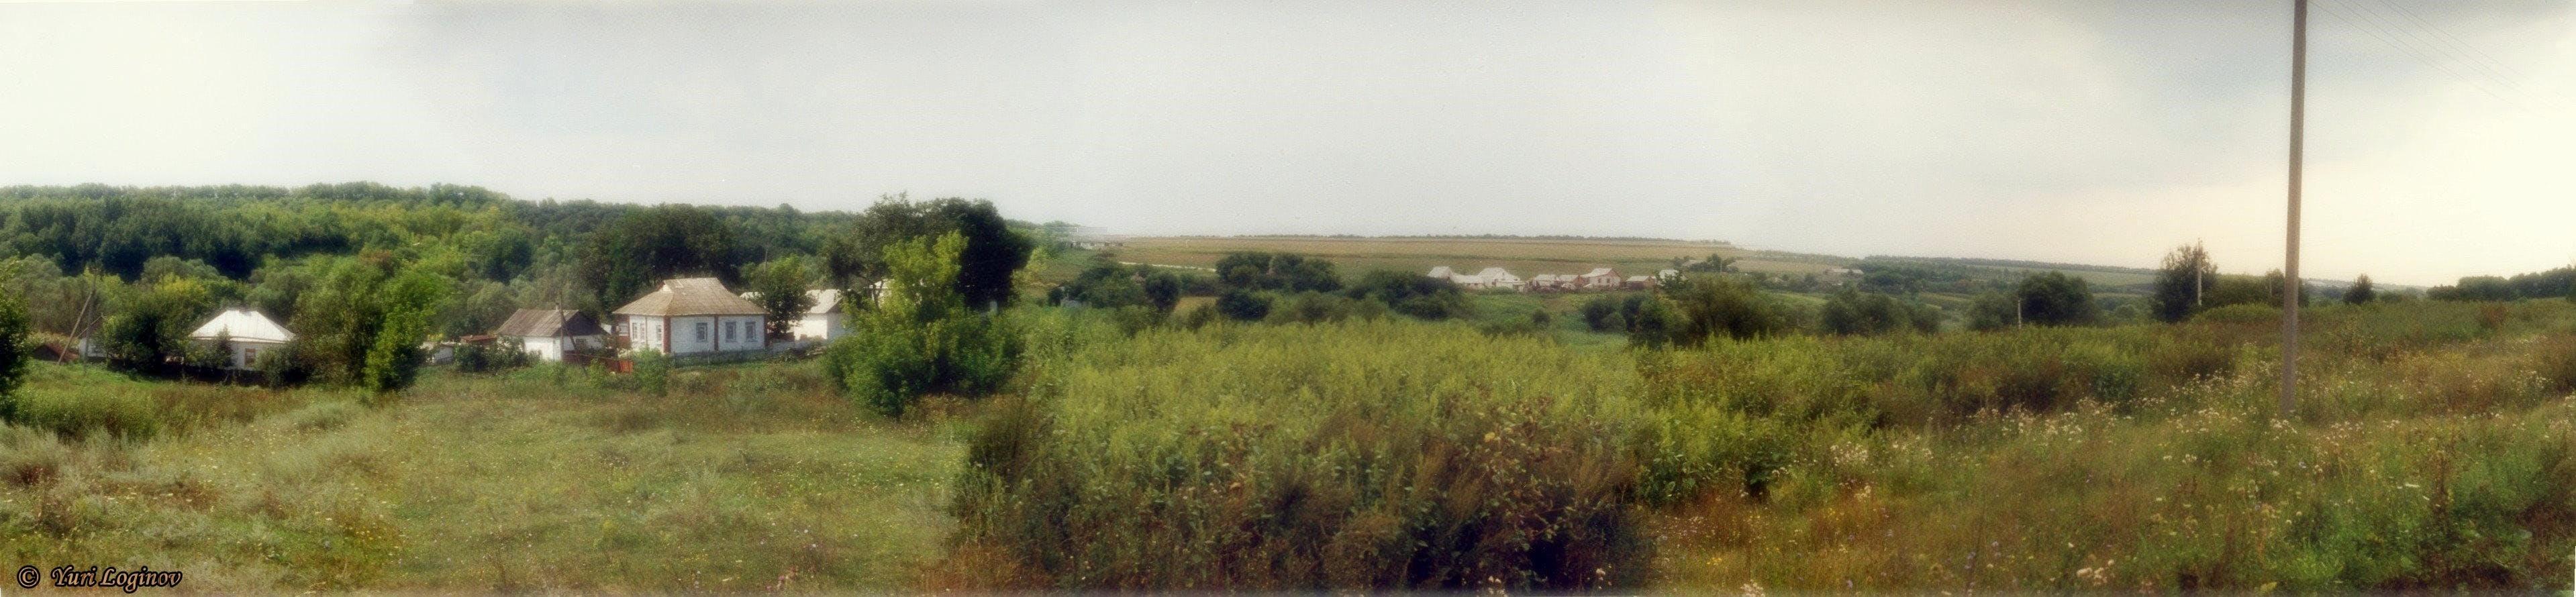 Free stock photo of ukraine, Pishchanka, Dvorichna Raion, Kharkiv Oblast